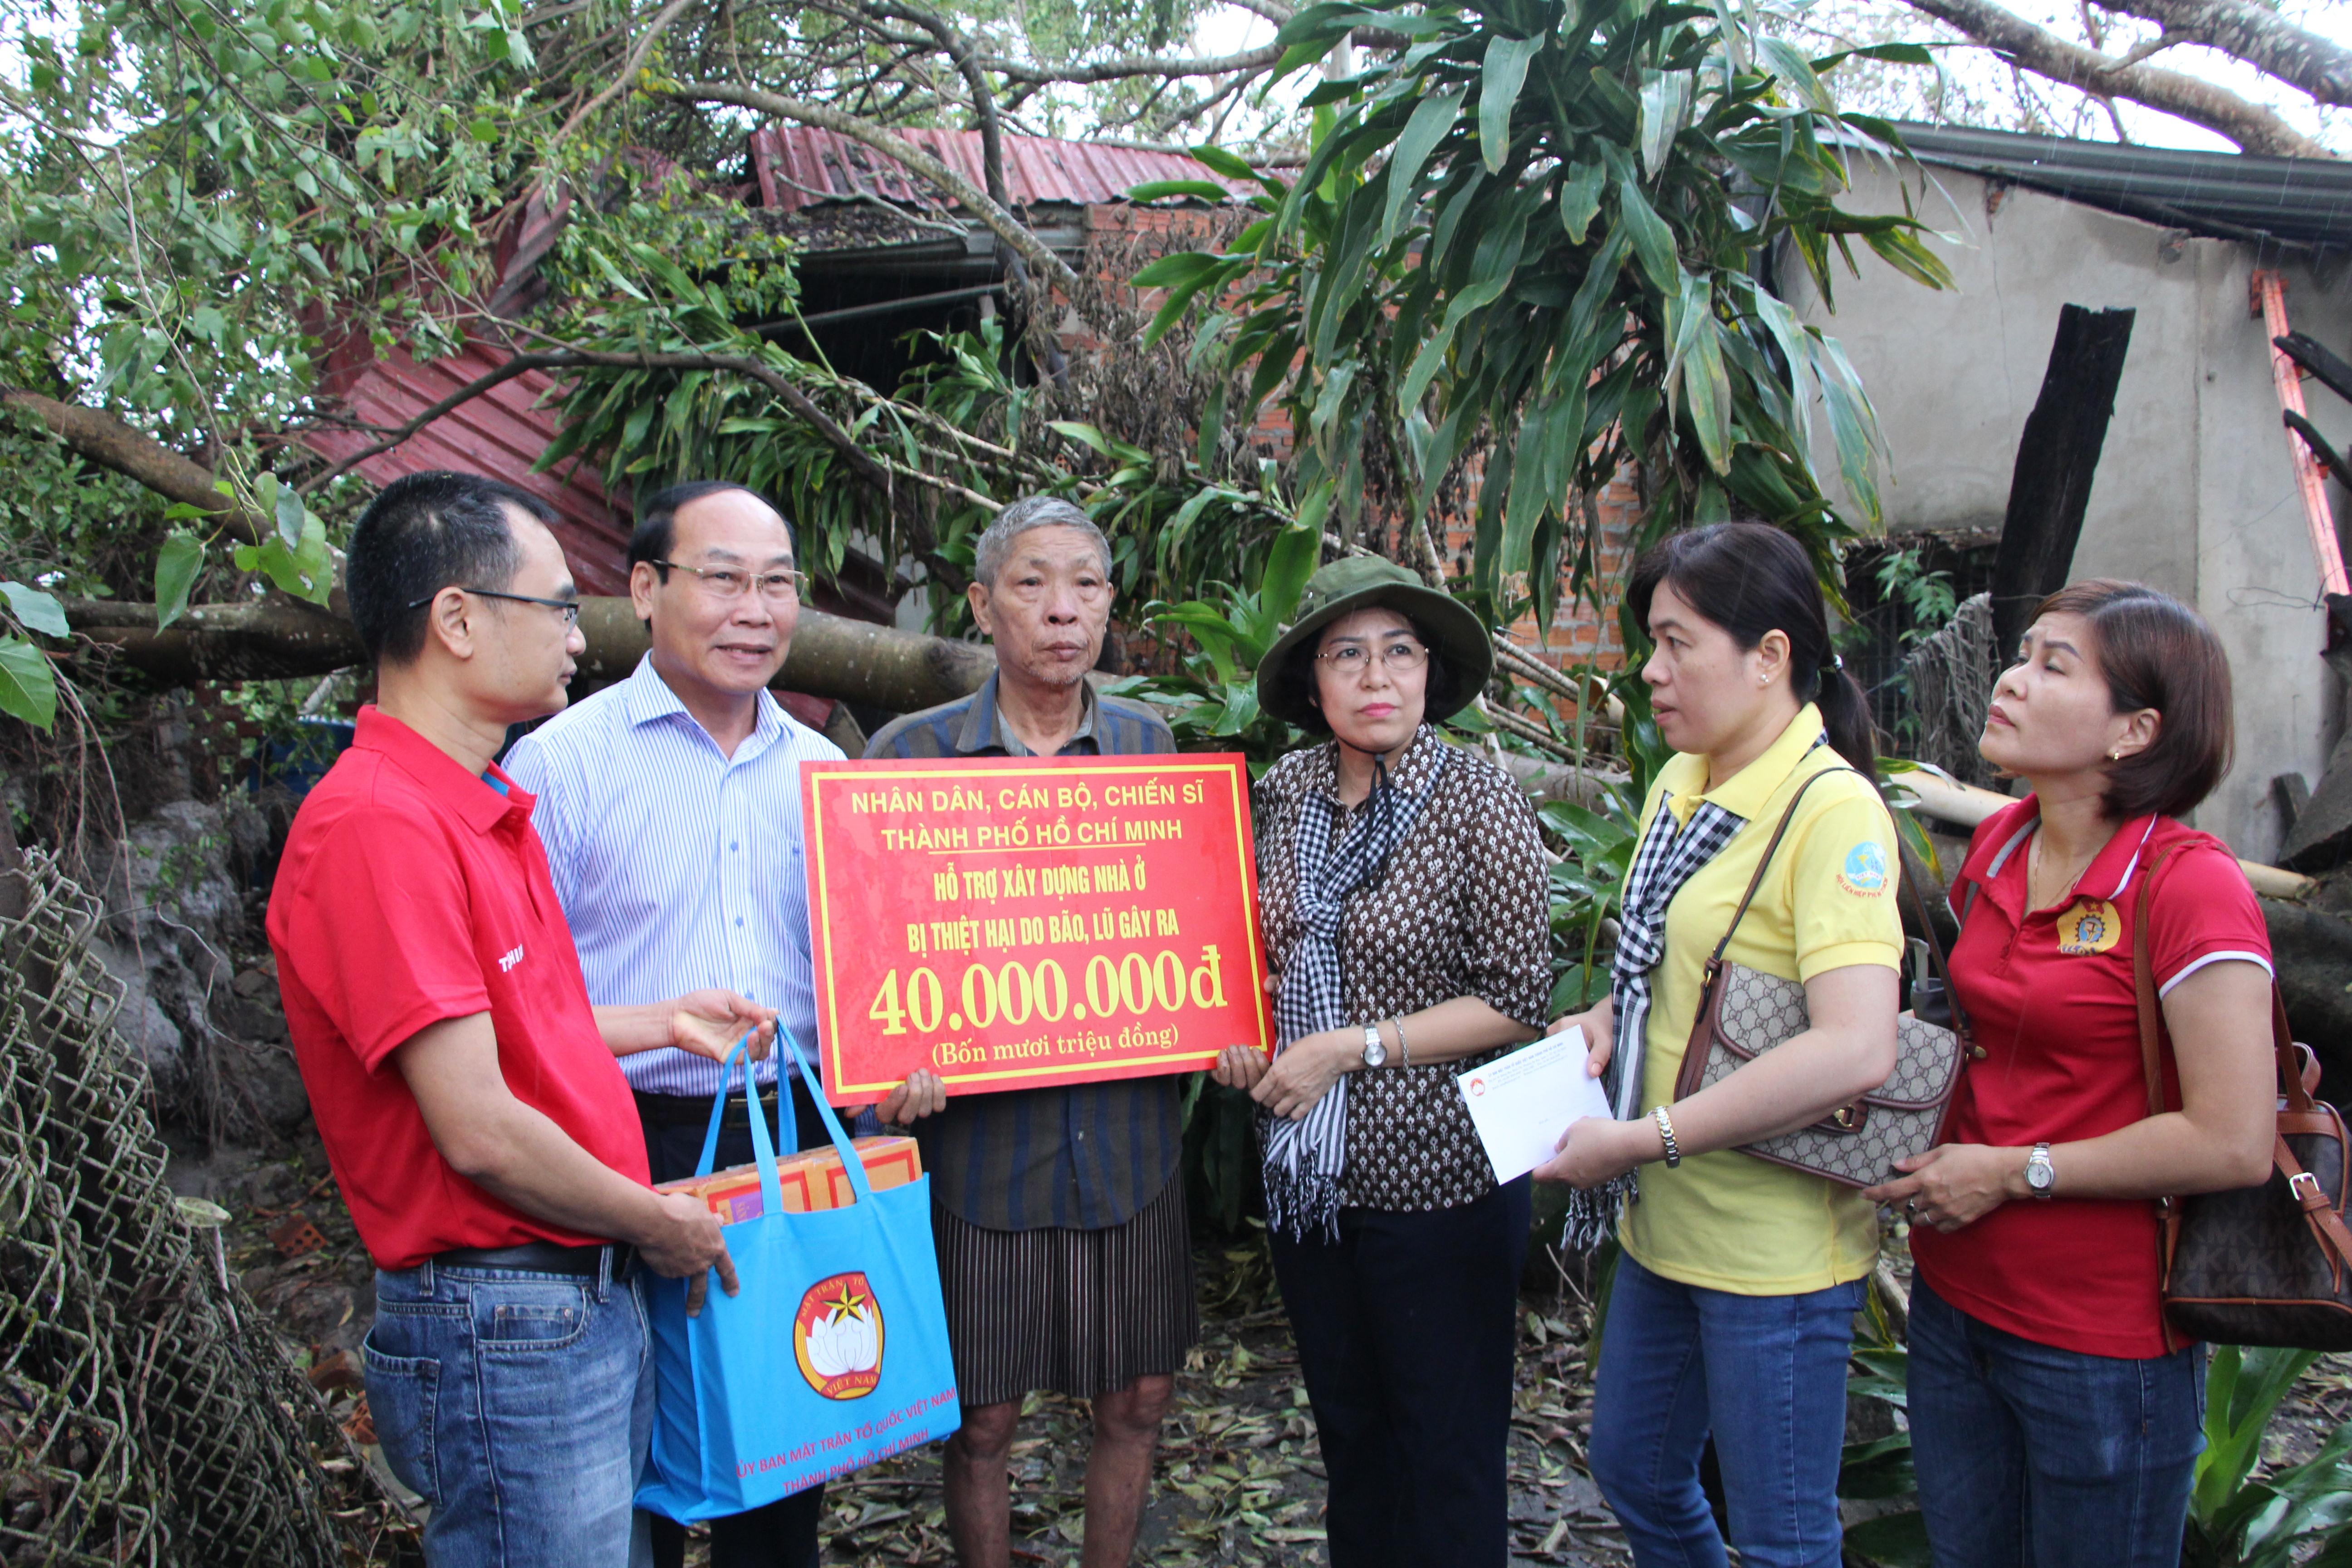 Lãnh đạo Mặt trận tỉnh thăm hỏi hỗ trợ người dân vùng bão lũ.